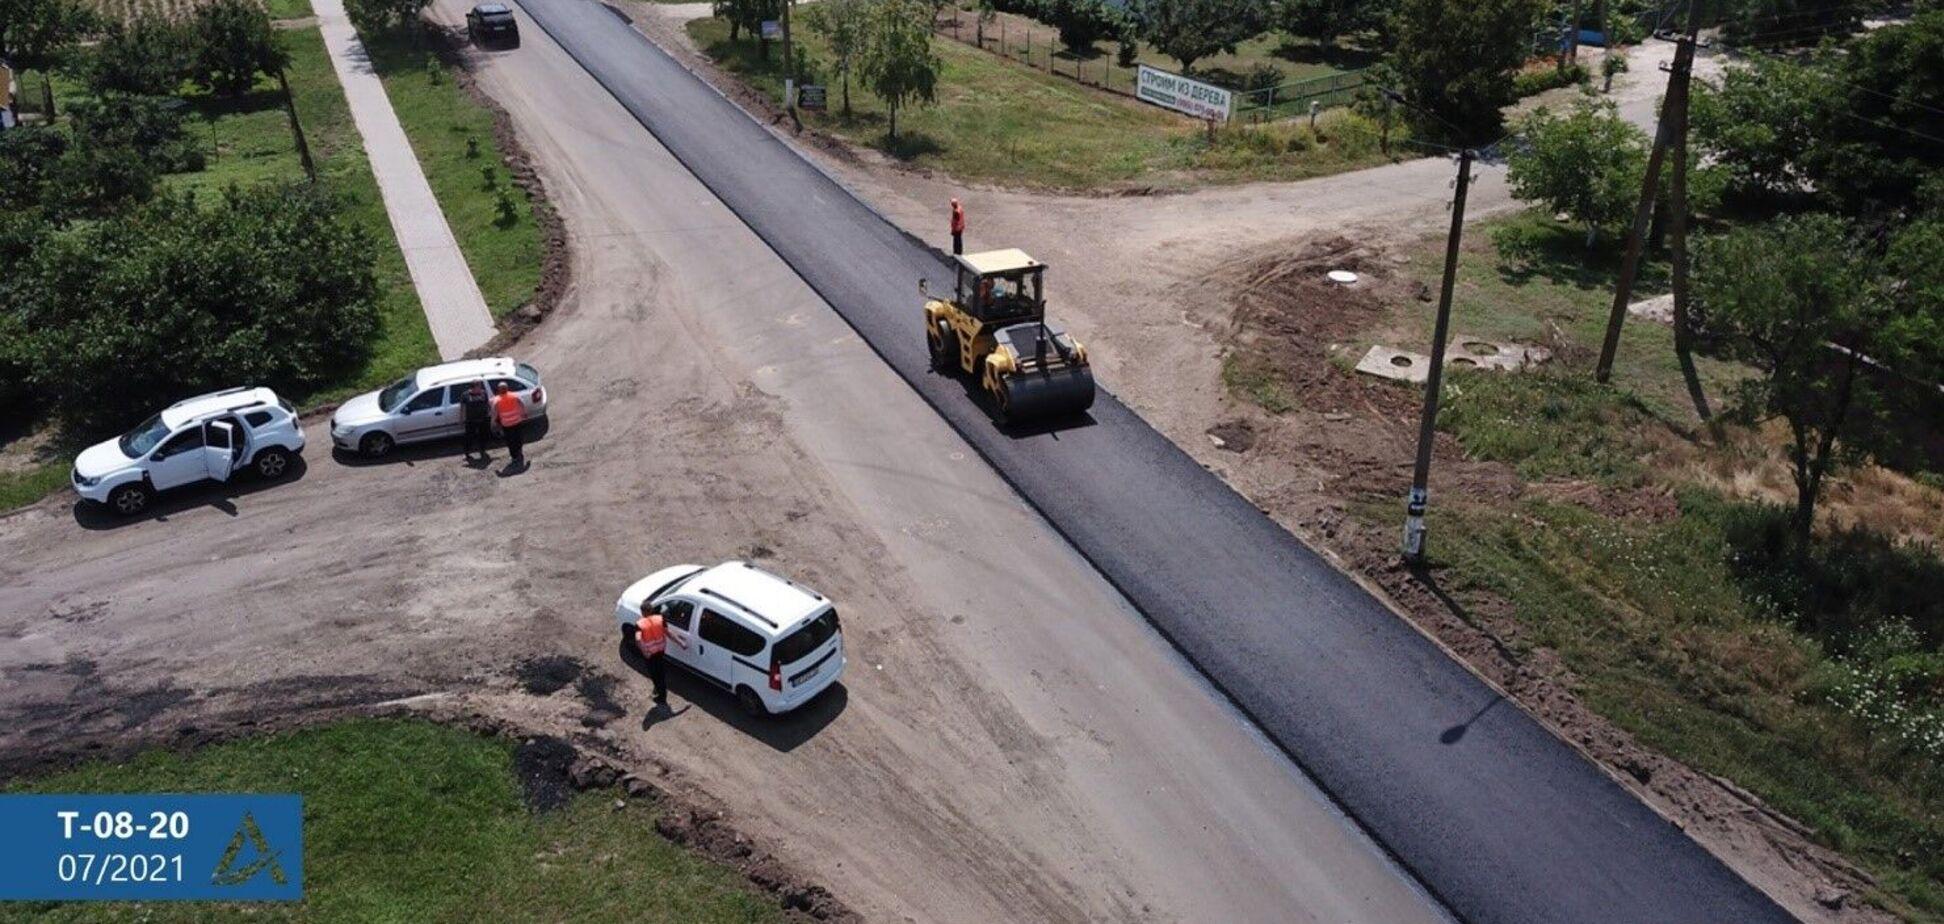 В Запорожской области ремонтируют дорогу Т-08-20